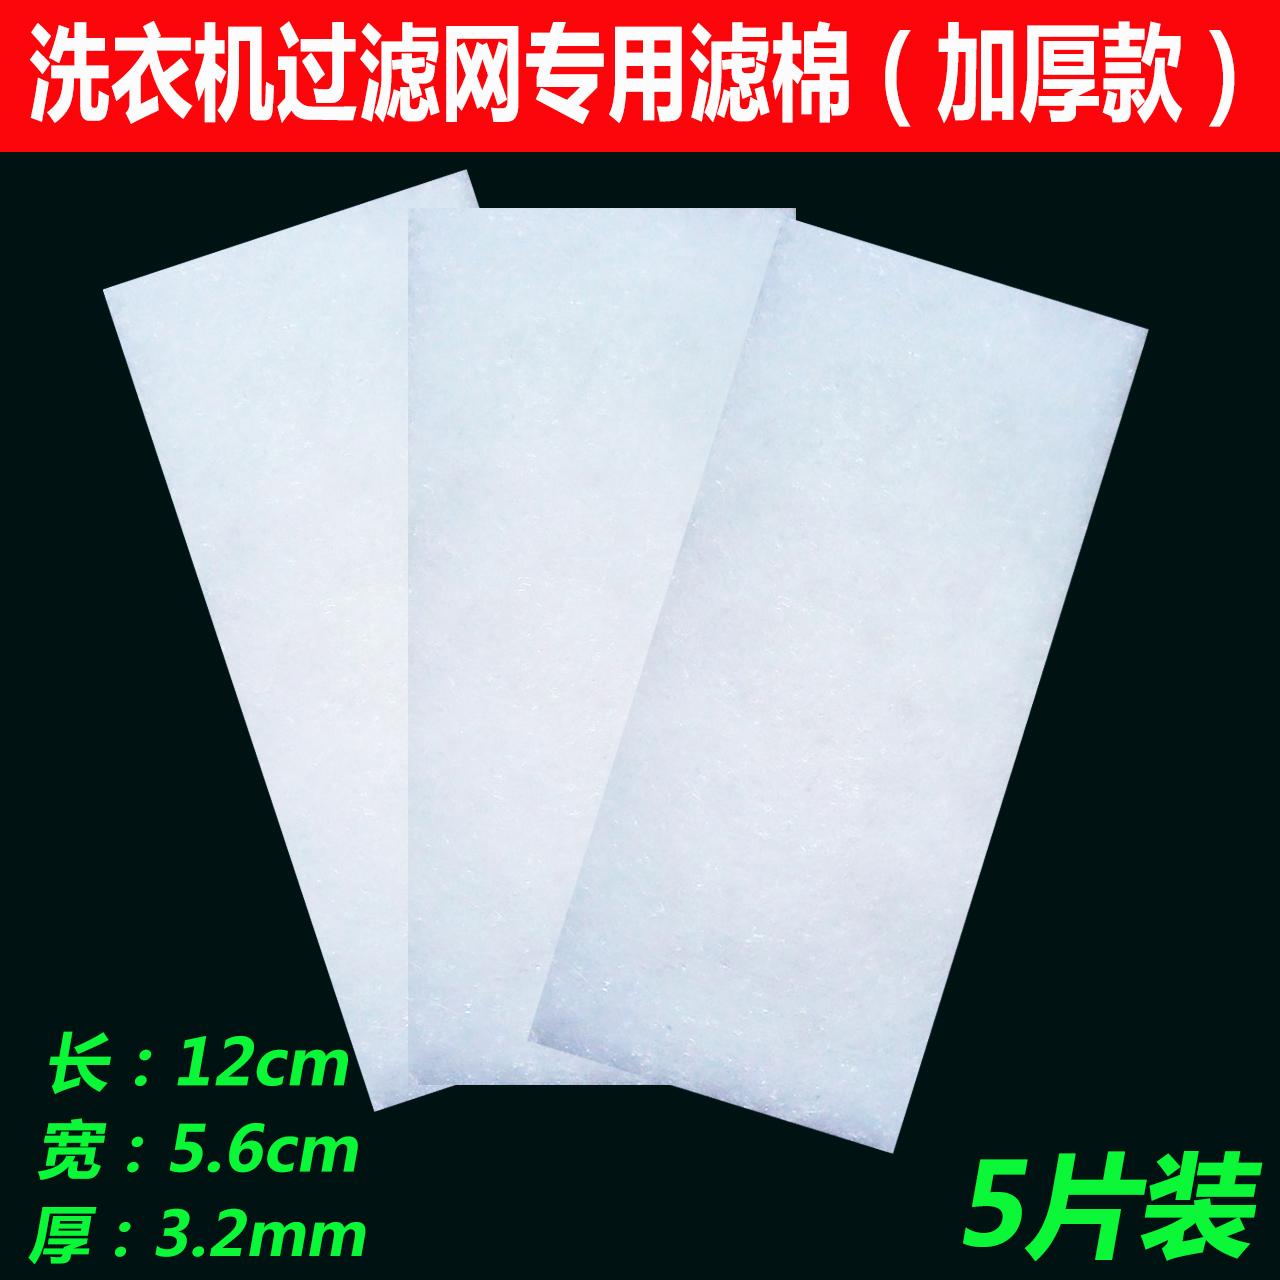 5-упаковочный фильтр хлопок (№ 86 для )не в подарок